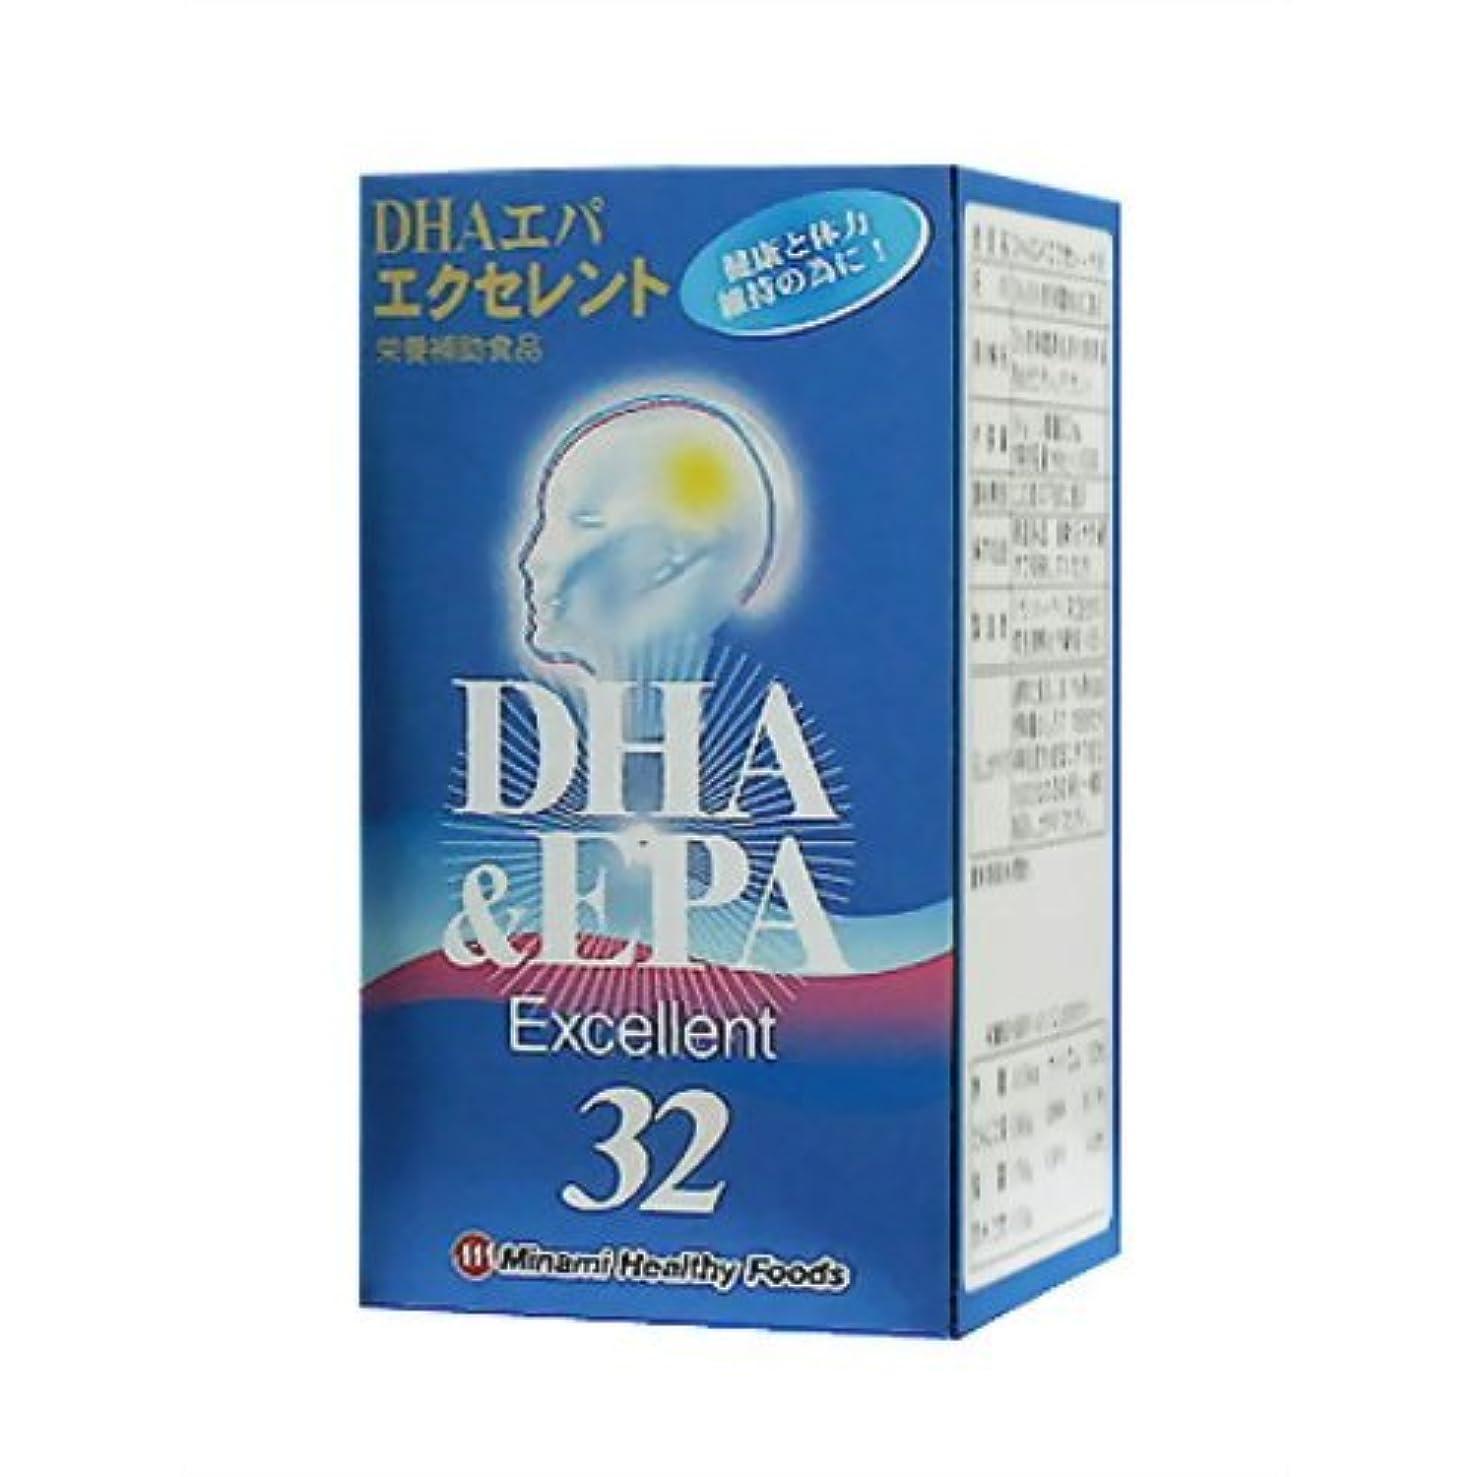 弾丸ファーム調整DHAエパエクセレント32(単品)ミナミヘルシーフーズ